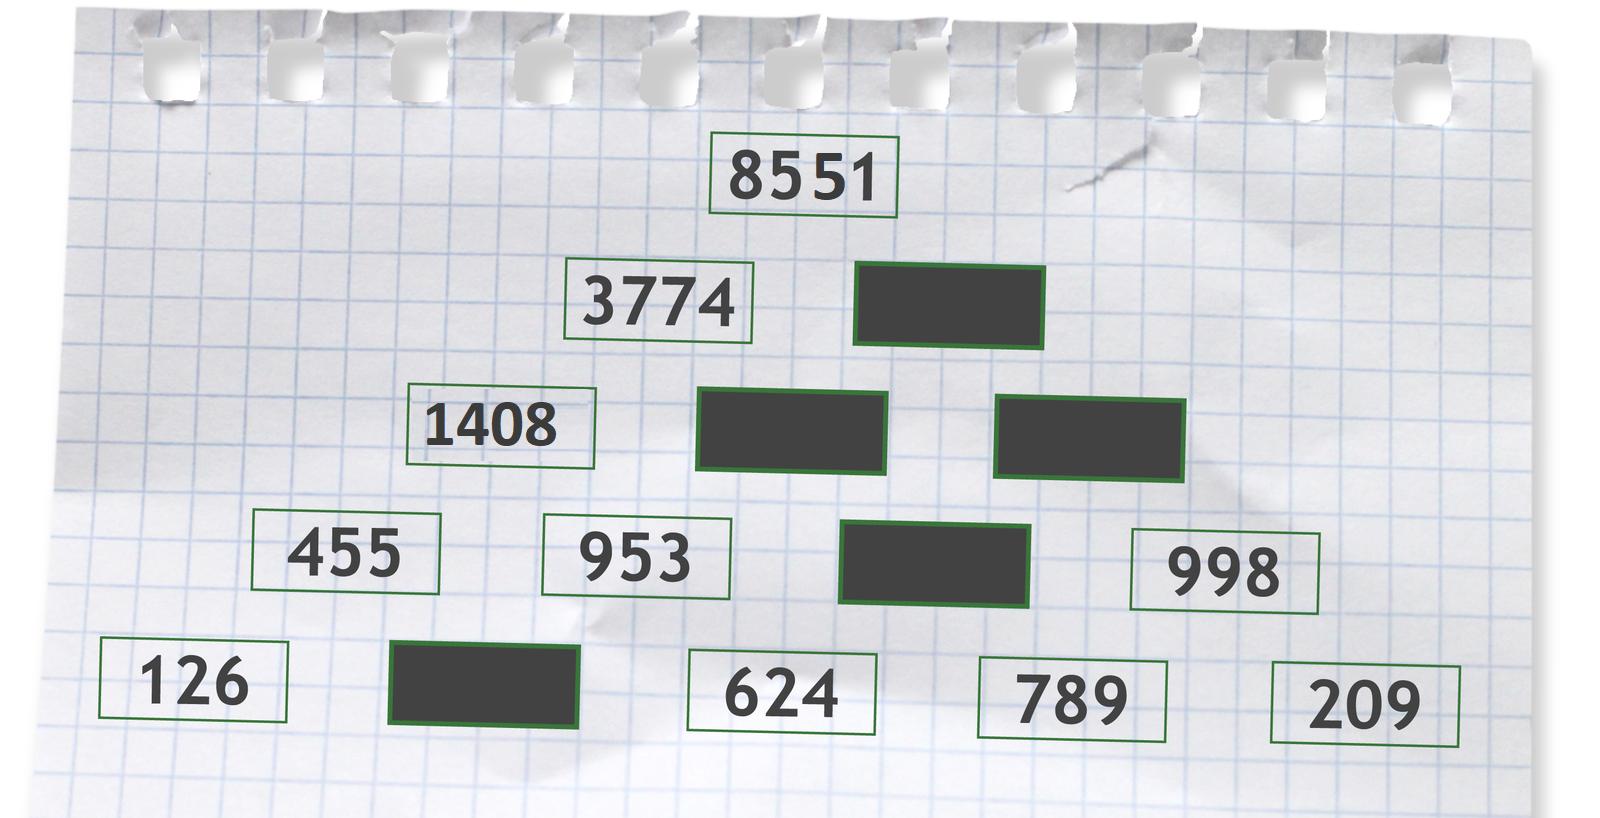 Prostokąty zwpisanymi częściowo liczbami.